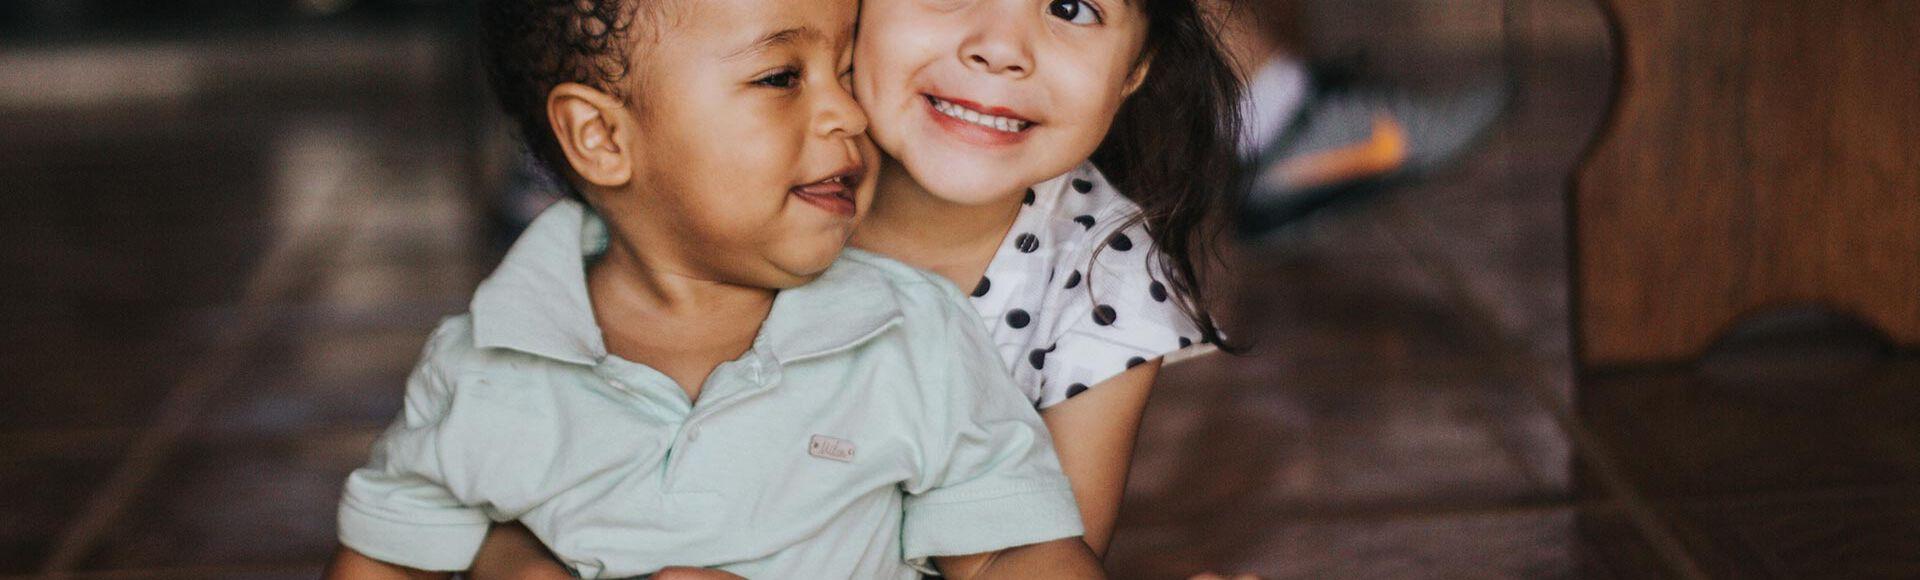 Enseñarle valores a los niños